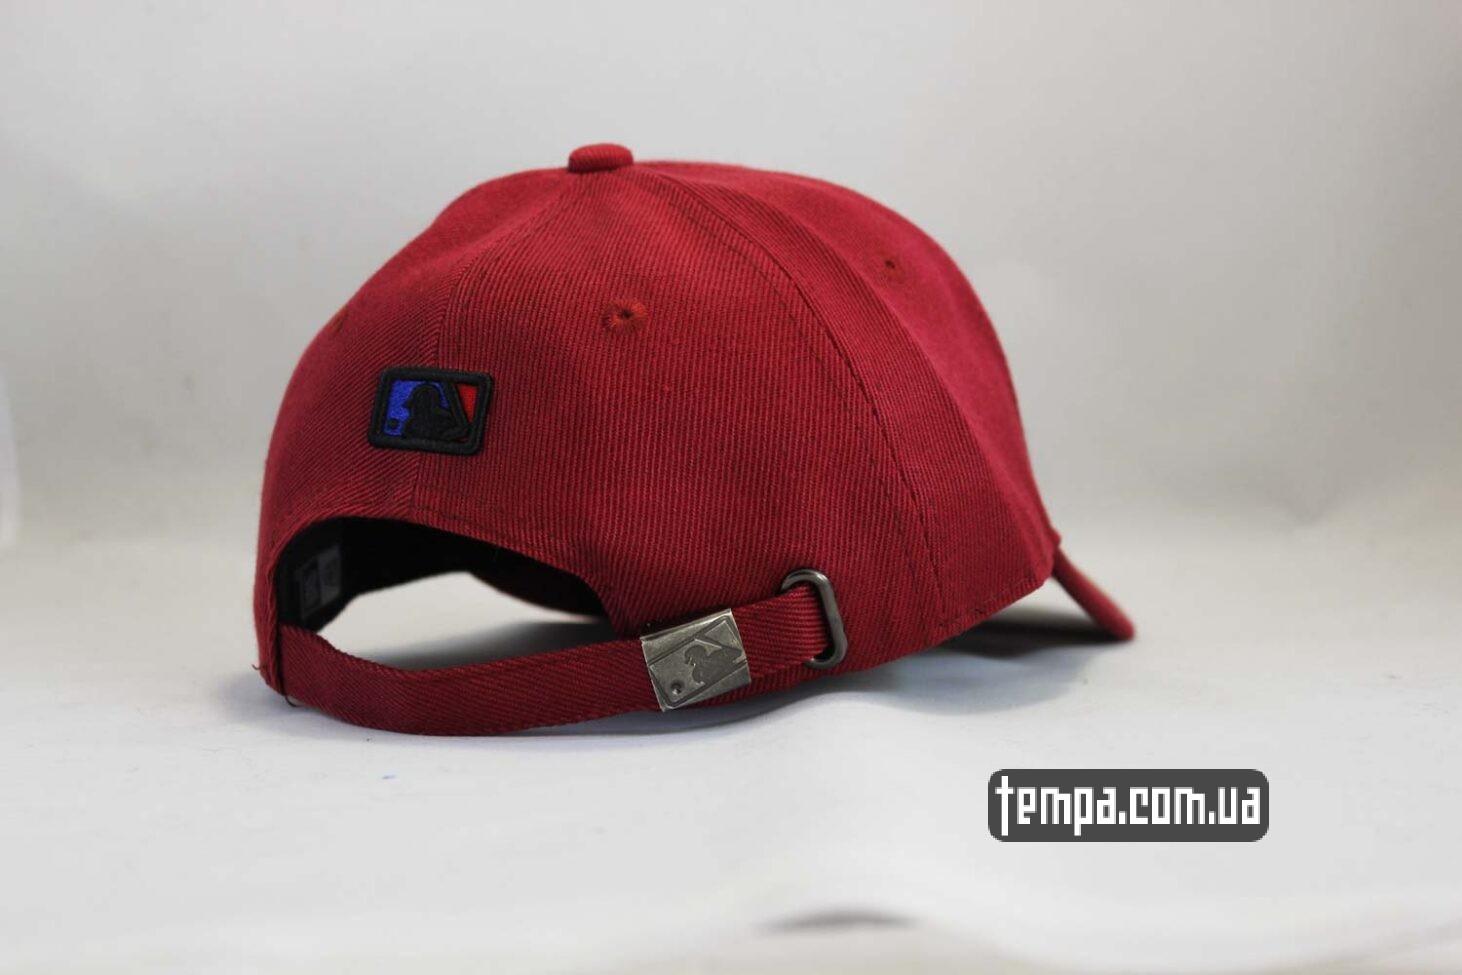 оригинал купить кепка бейсболка Янки Yankees New York New Era красая